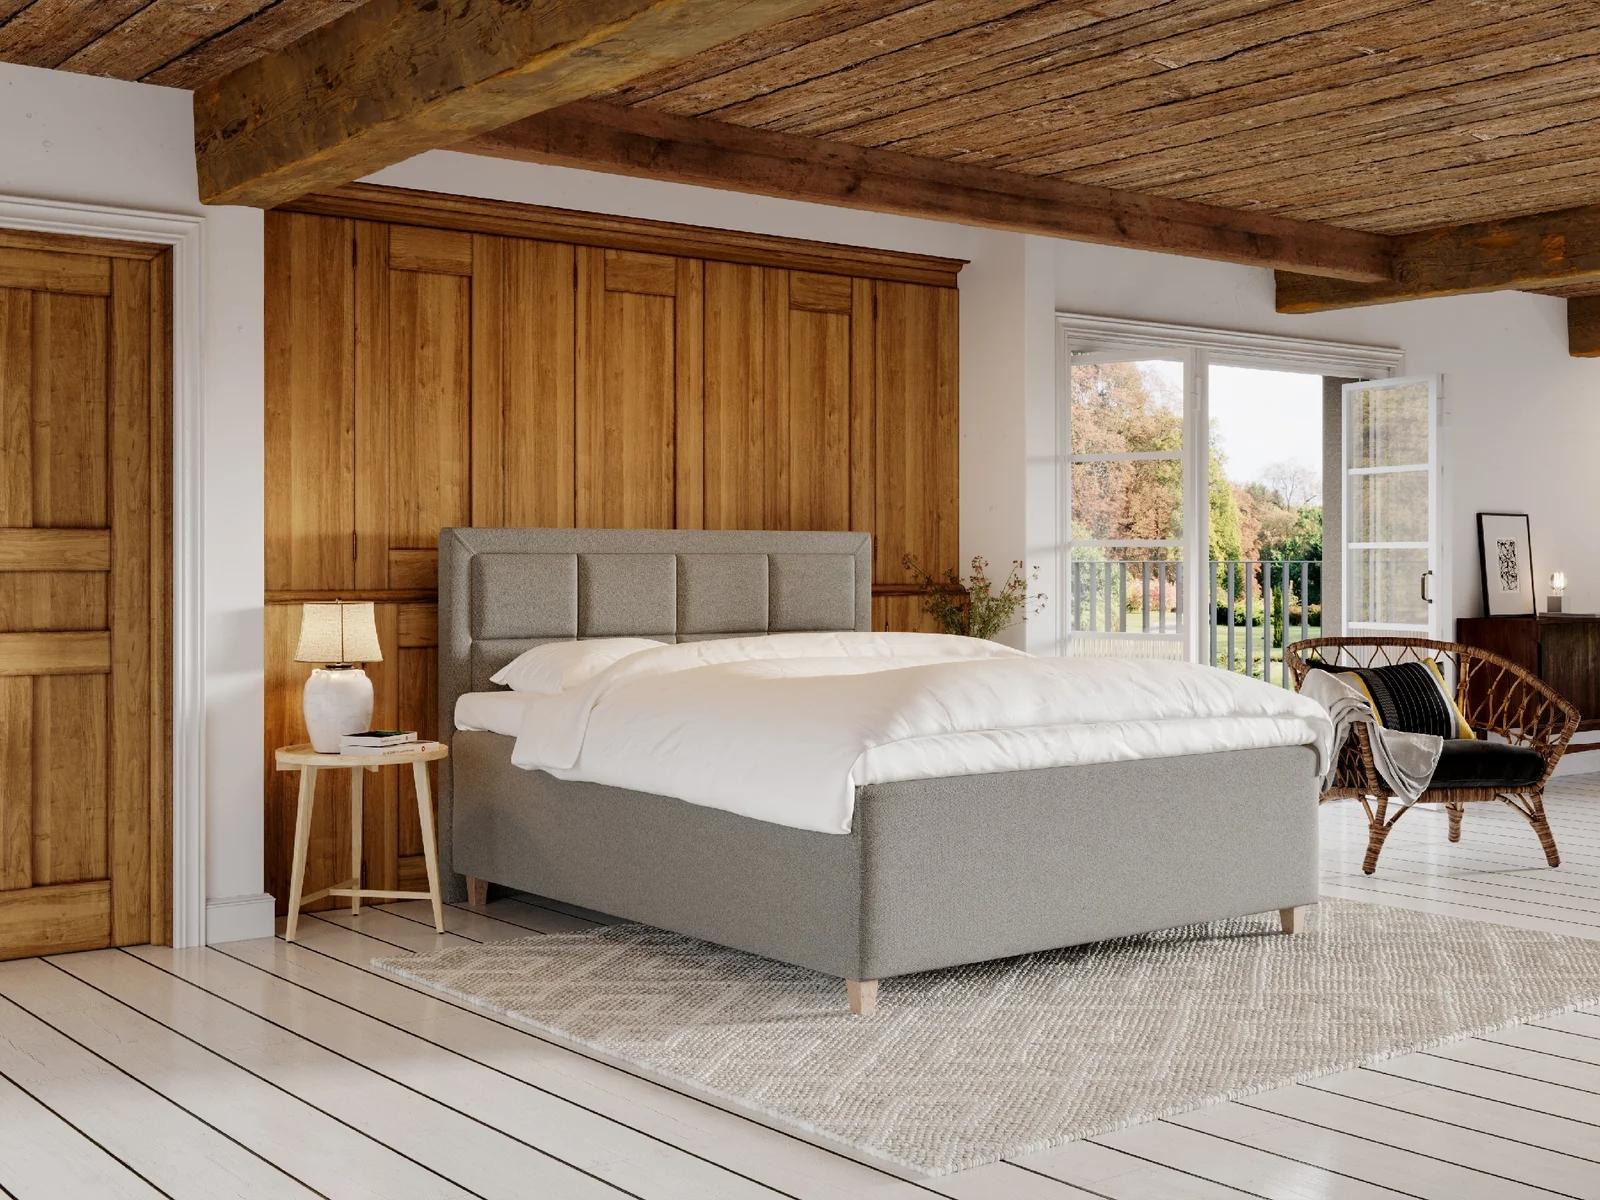 Nordic Dream Solveig 180x200 cm